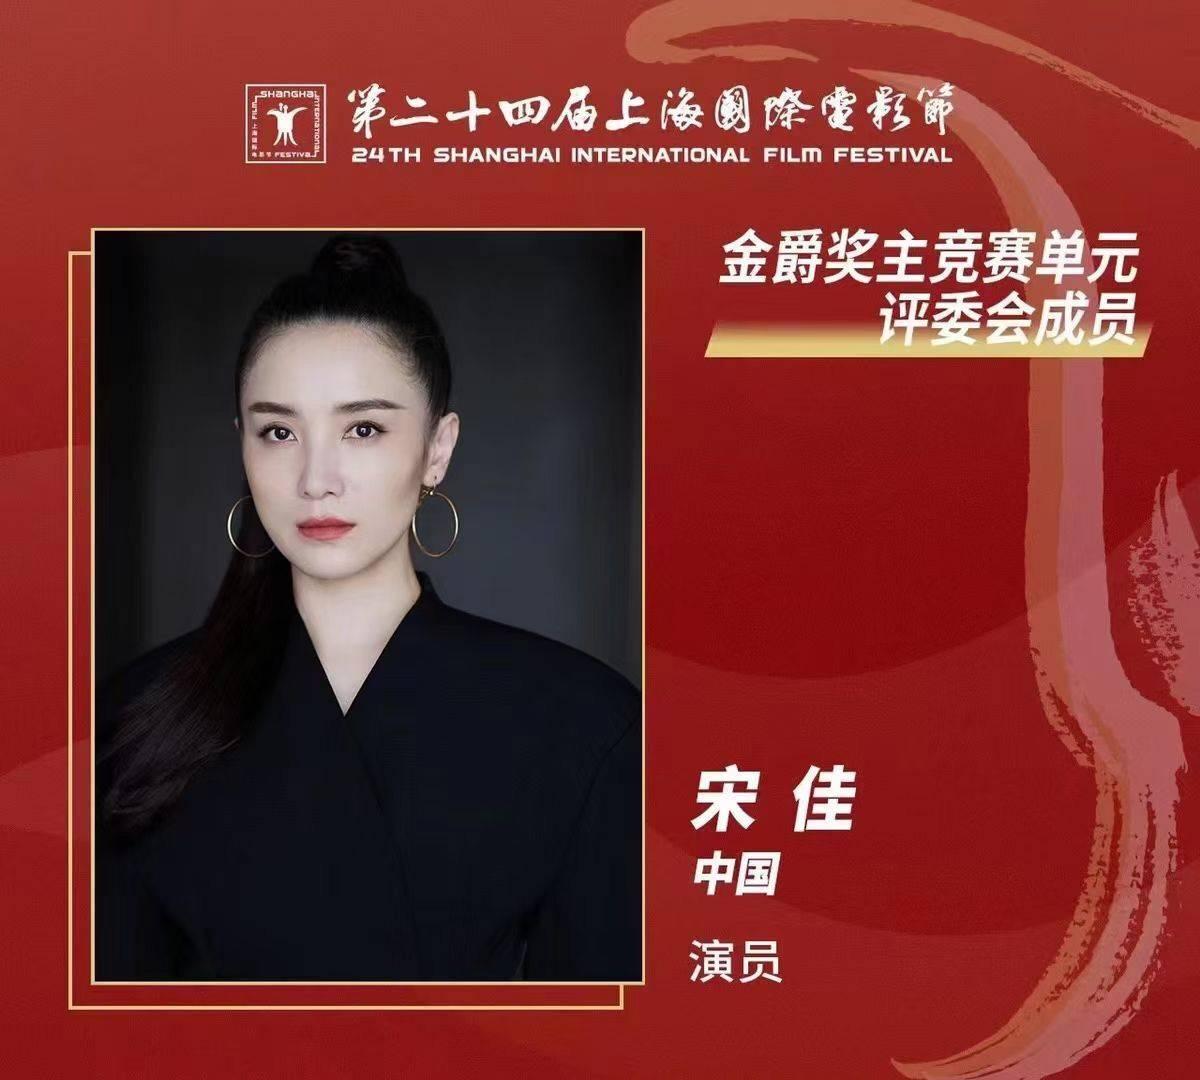 第二十四届上海国际电影节金爵奖评委会名单公布!6月5日上午8:00开票